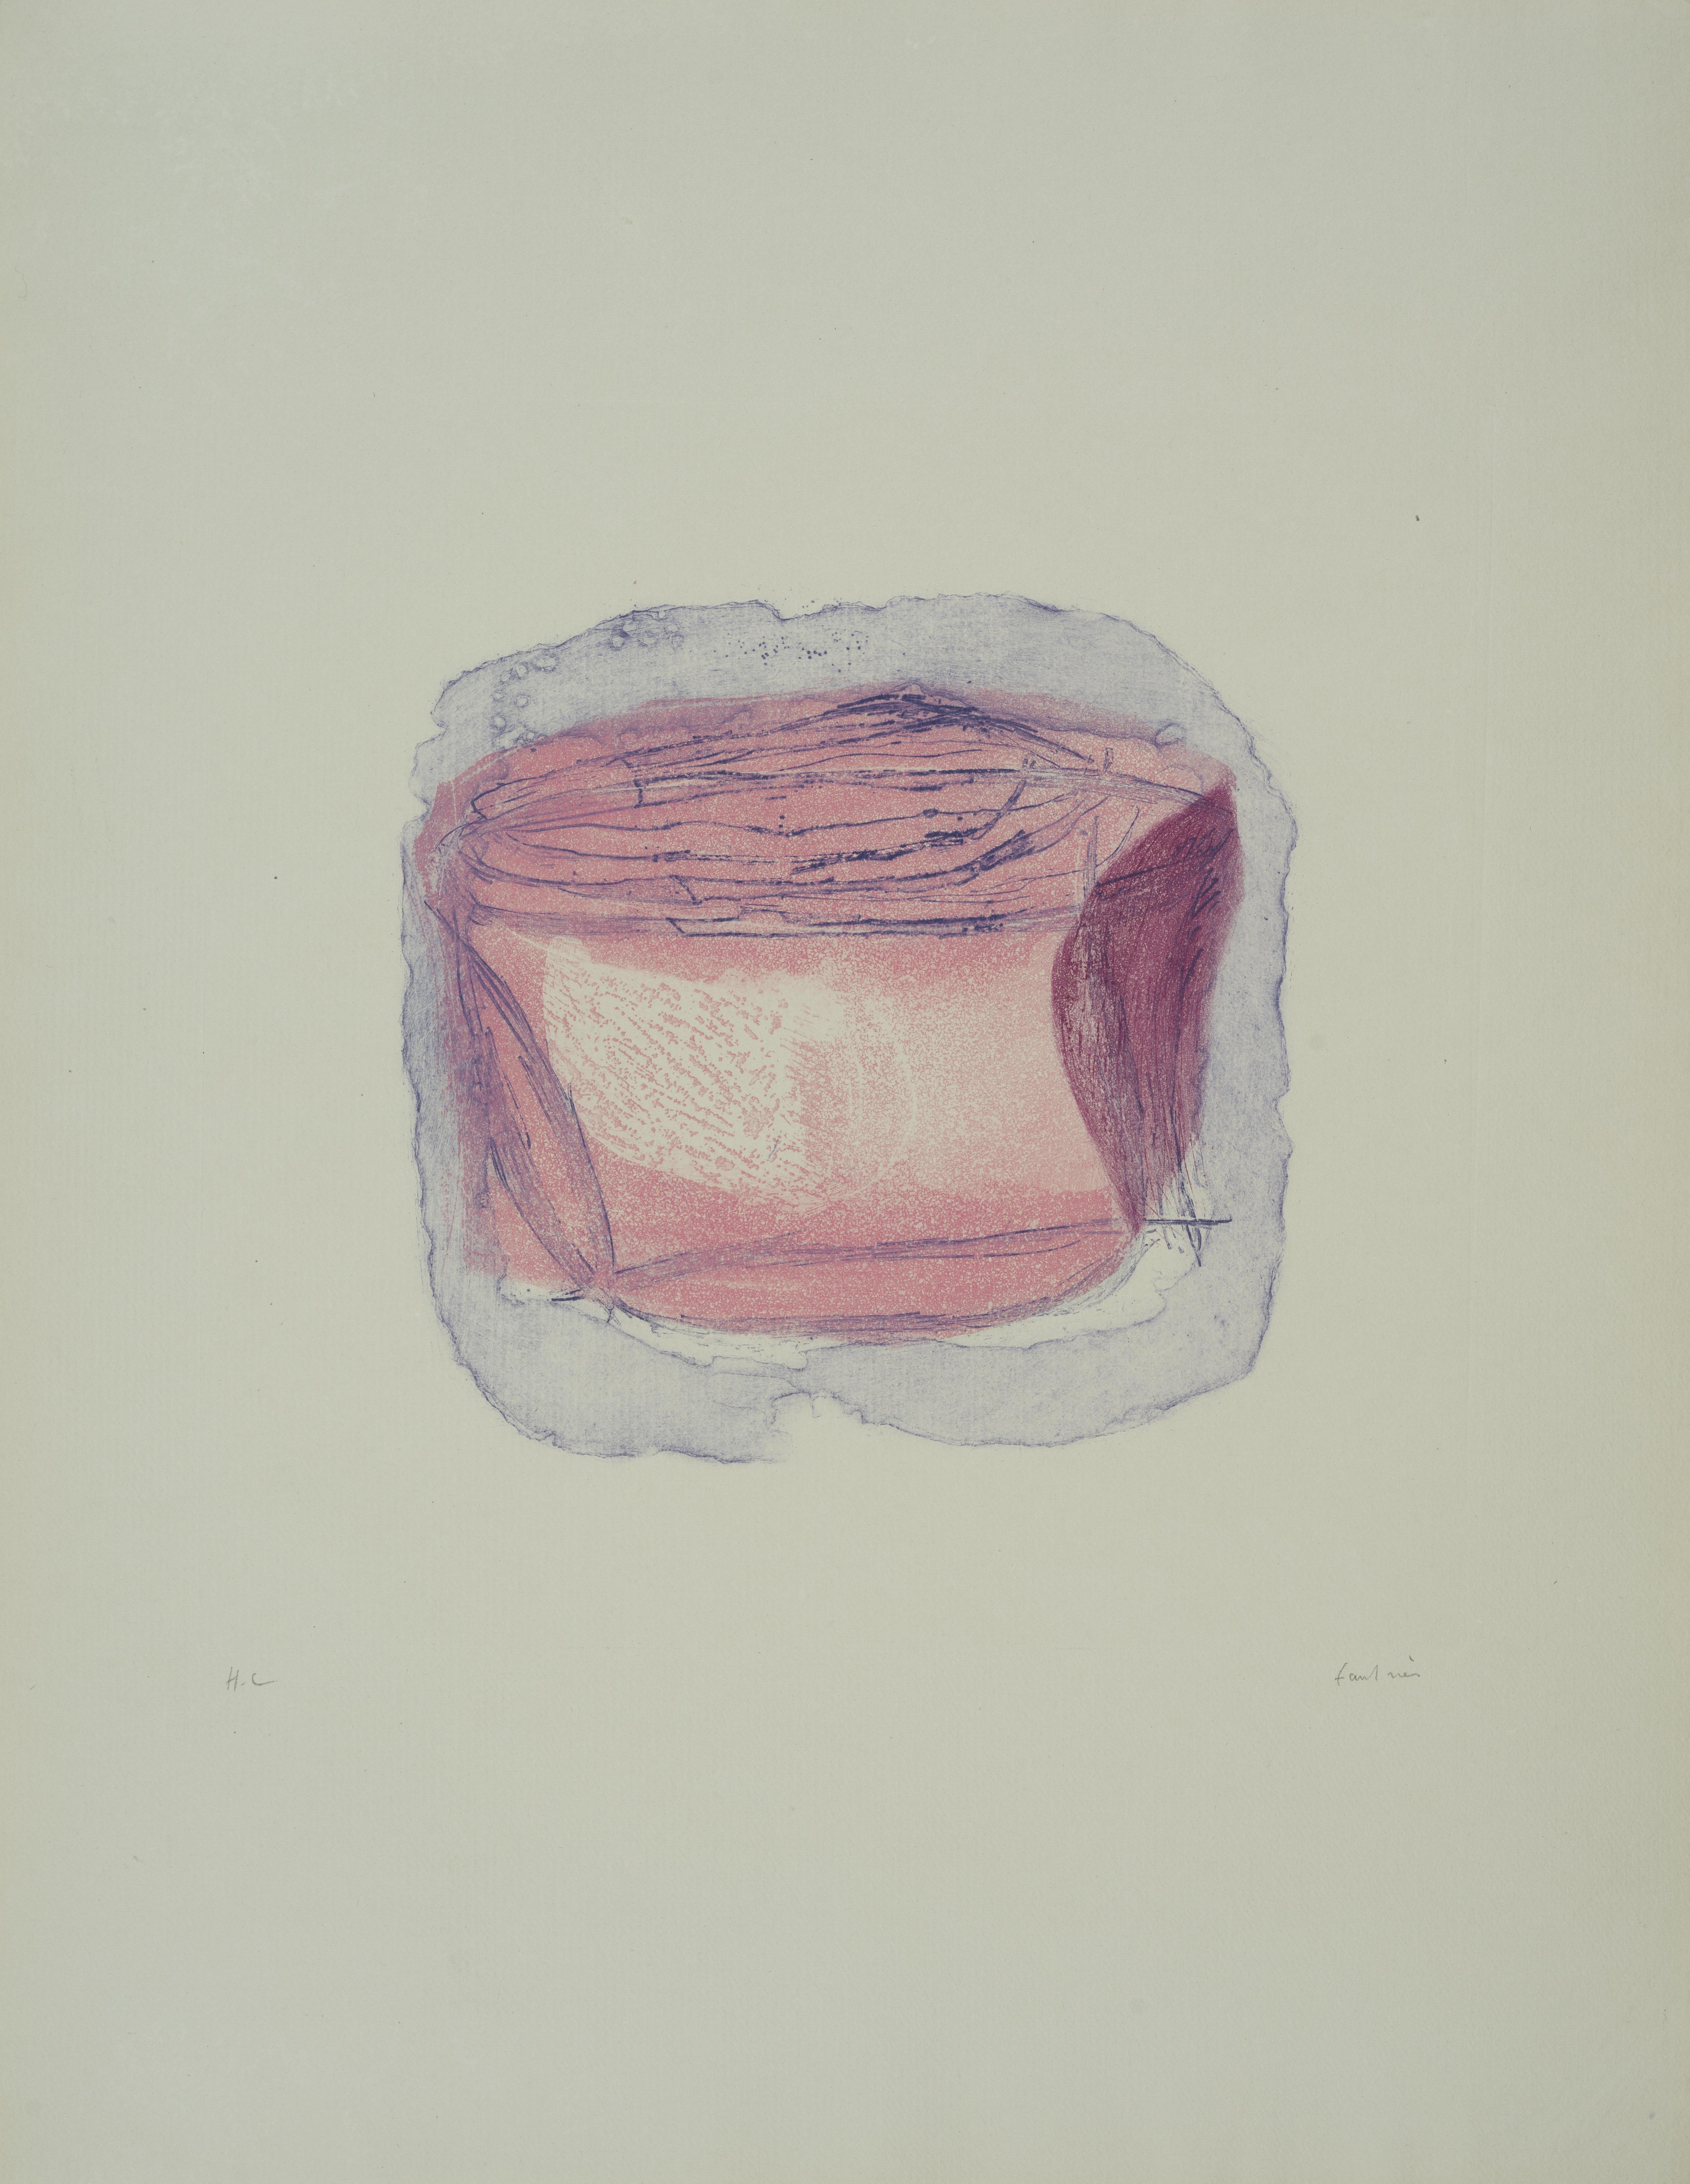 Lot 4 - Jean FAUTRIER (1898-1964) - Objet précieux - Eau forte lavis et aquatinte en [...]